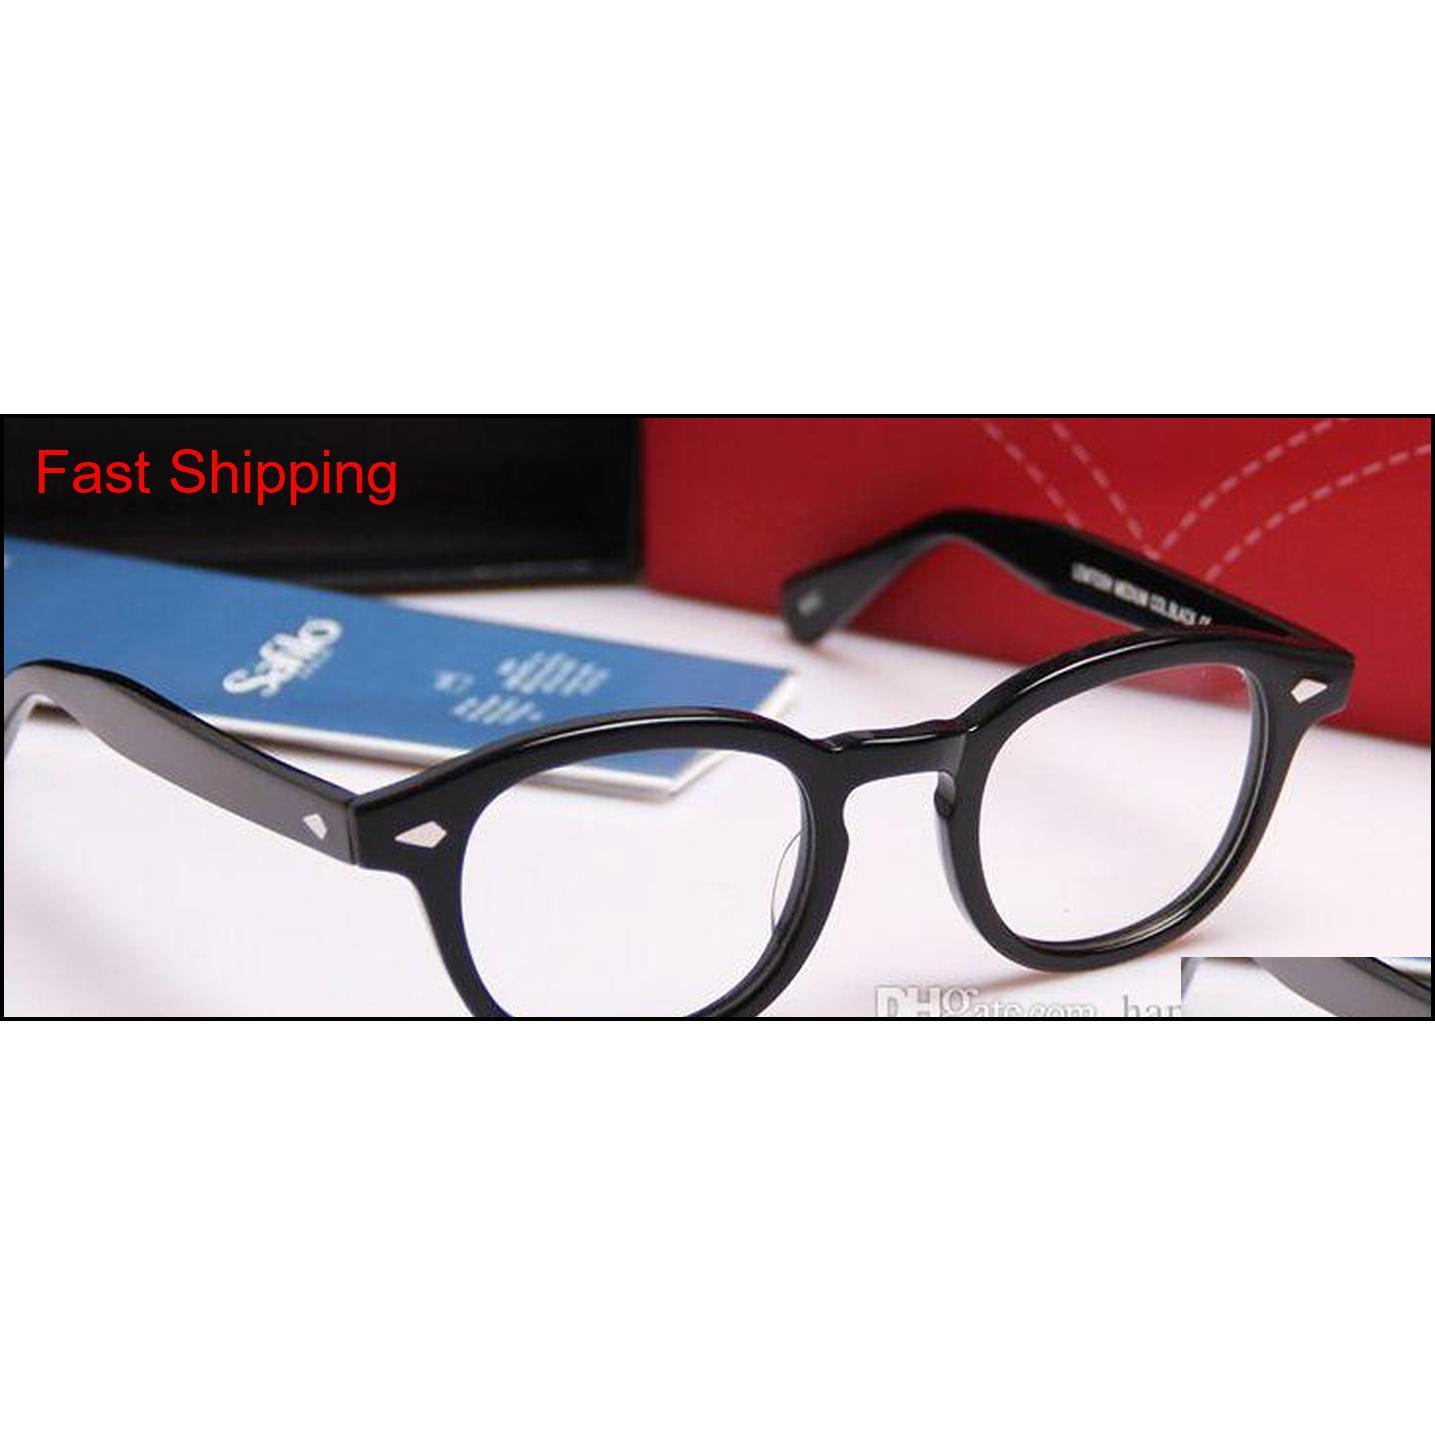 2015 Yeni Moda Gözlük Gözlük Bağbozumu Perçinler Güneş Gözlüğü Süper Yıldız Johnny Depp Kadın Erkek Marka Gözlük Qylhkc HOMES2007